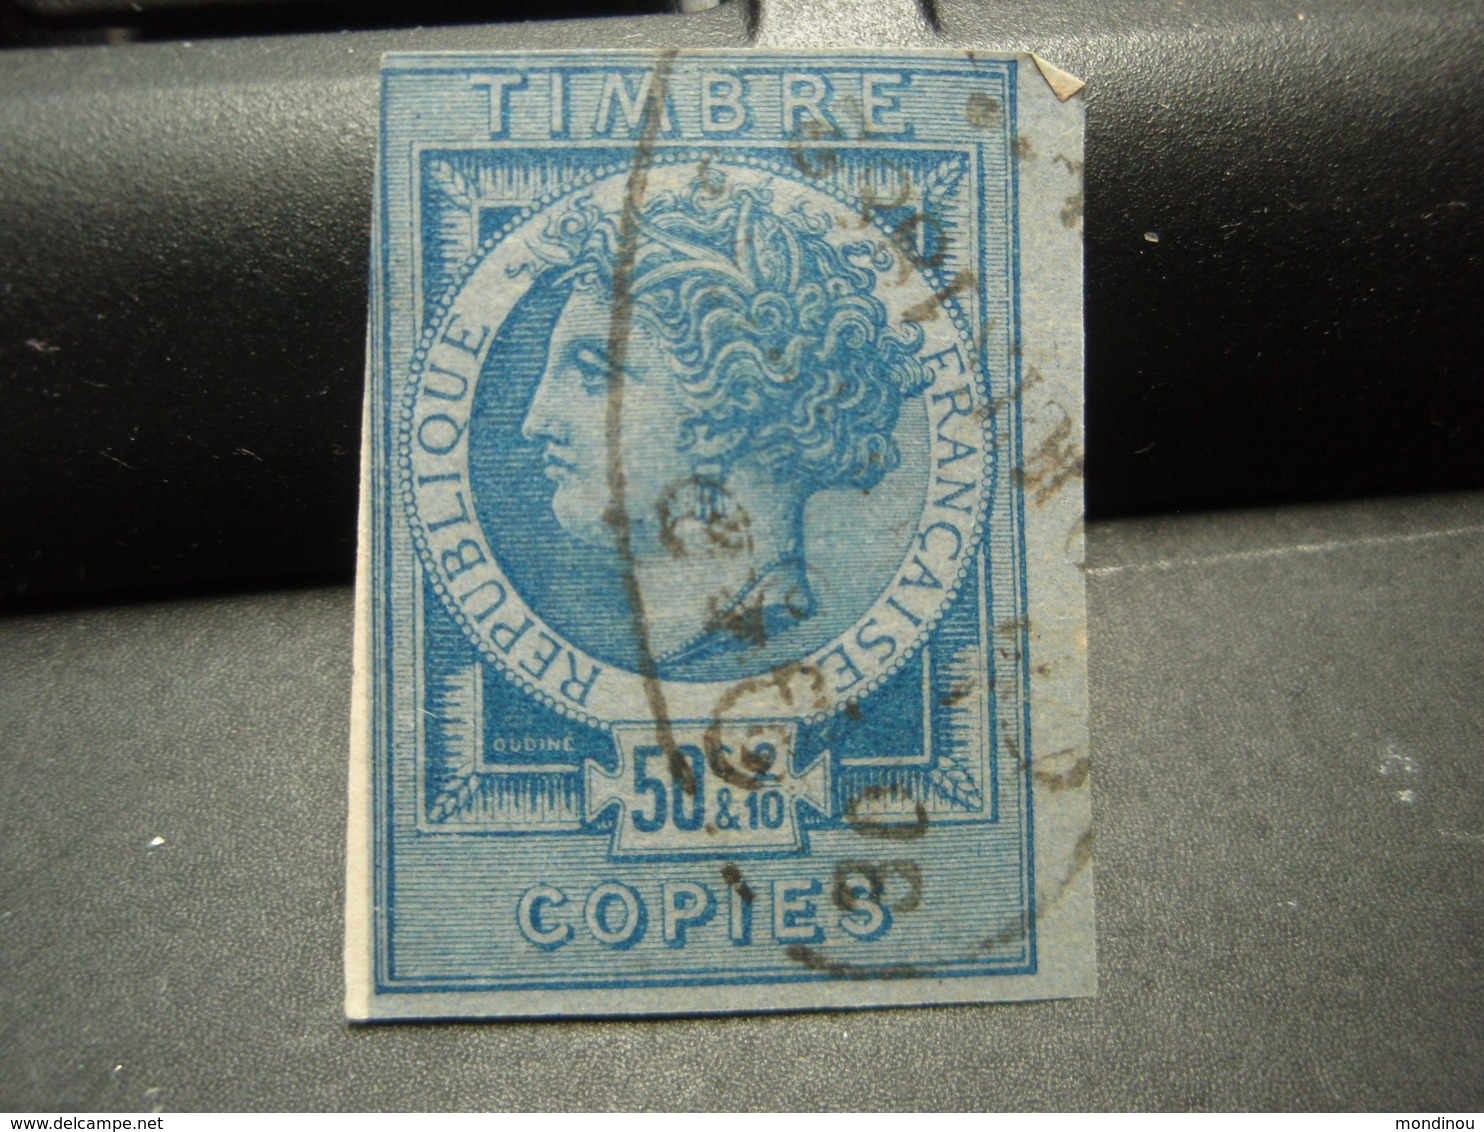 Timbre Copies 50c &2/10 1882 - Fiscaux